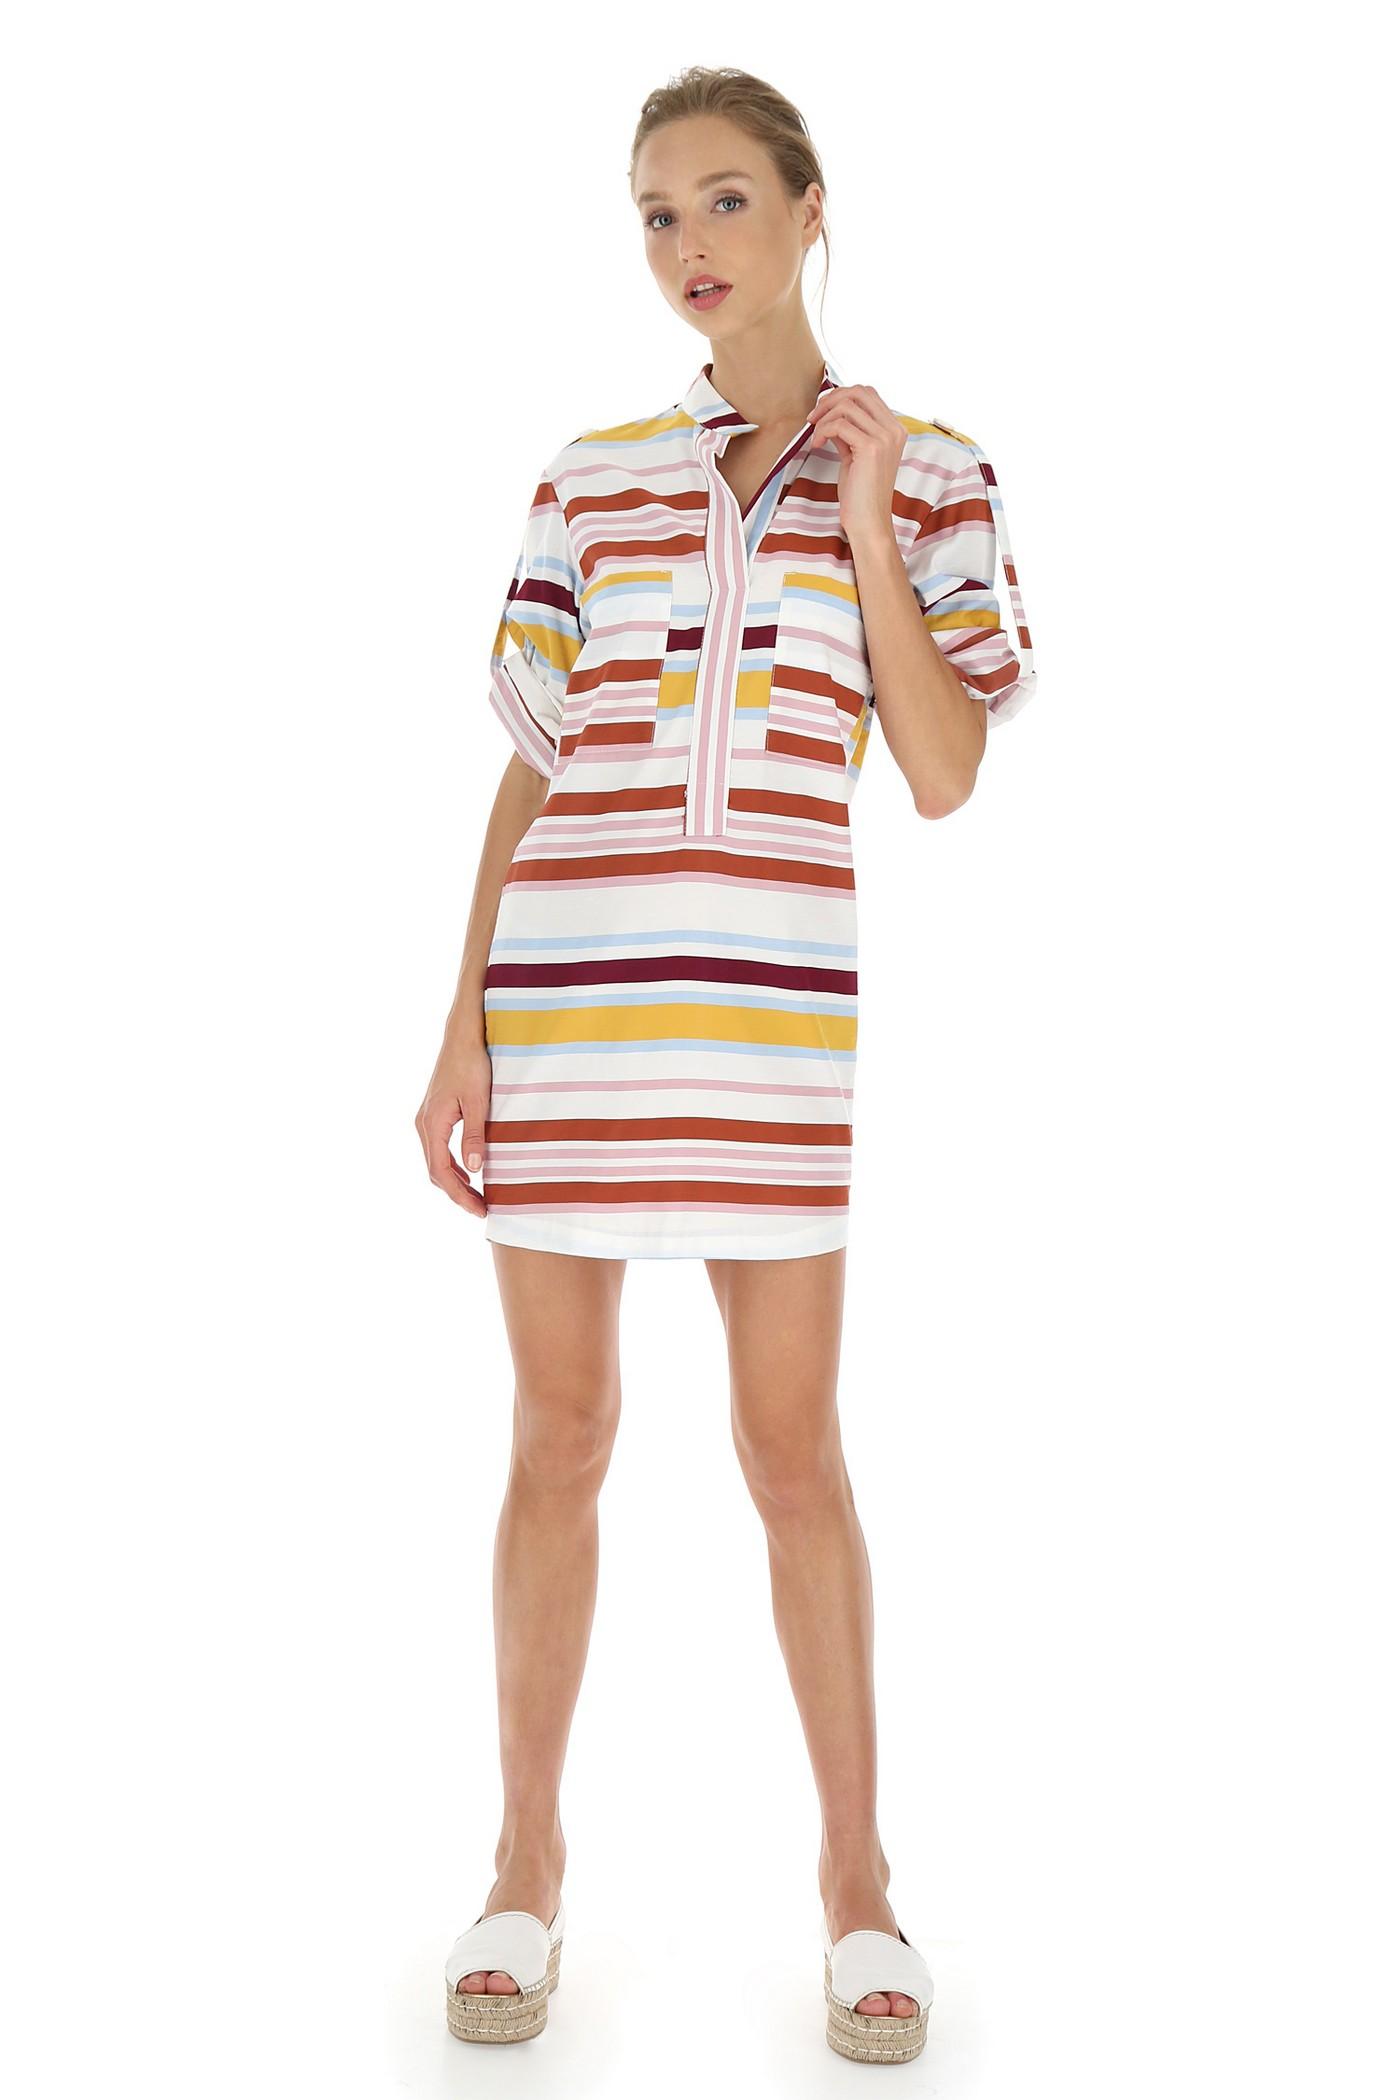 Візкозна сукня в яскраву смужку Imperial